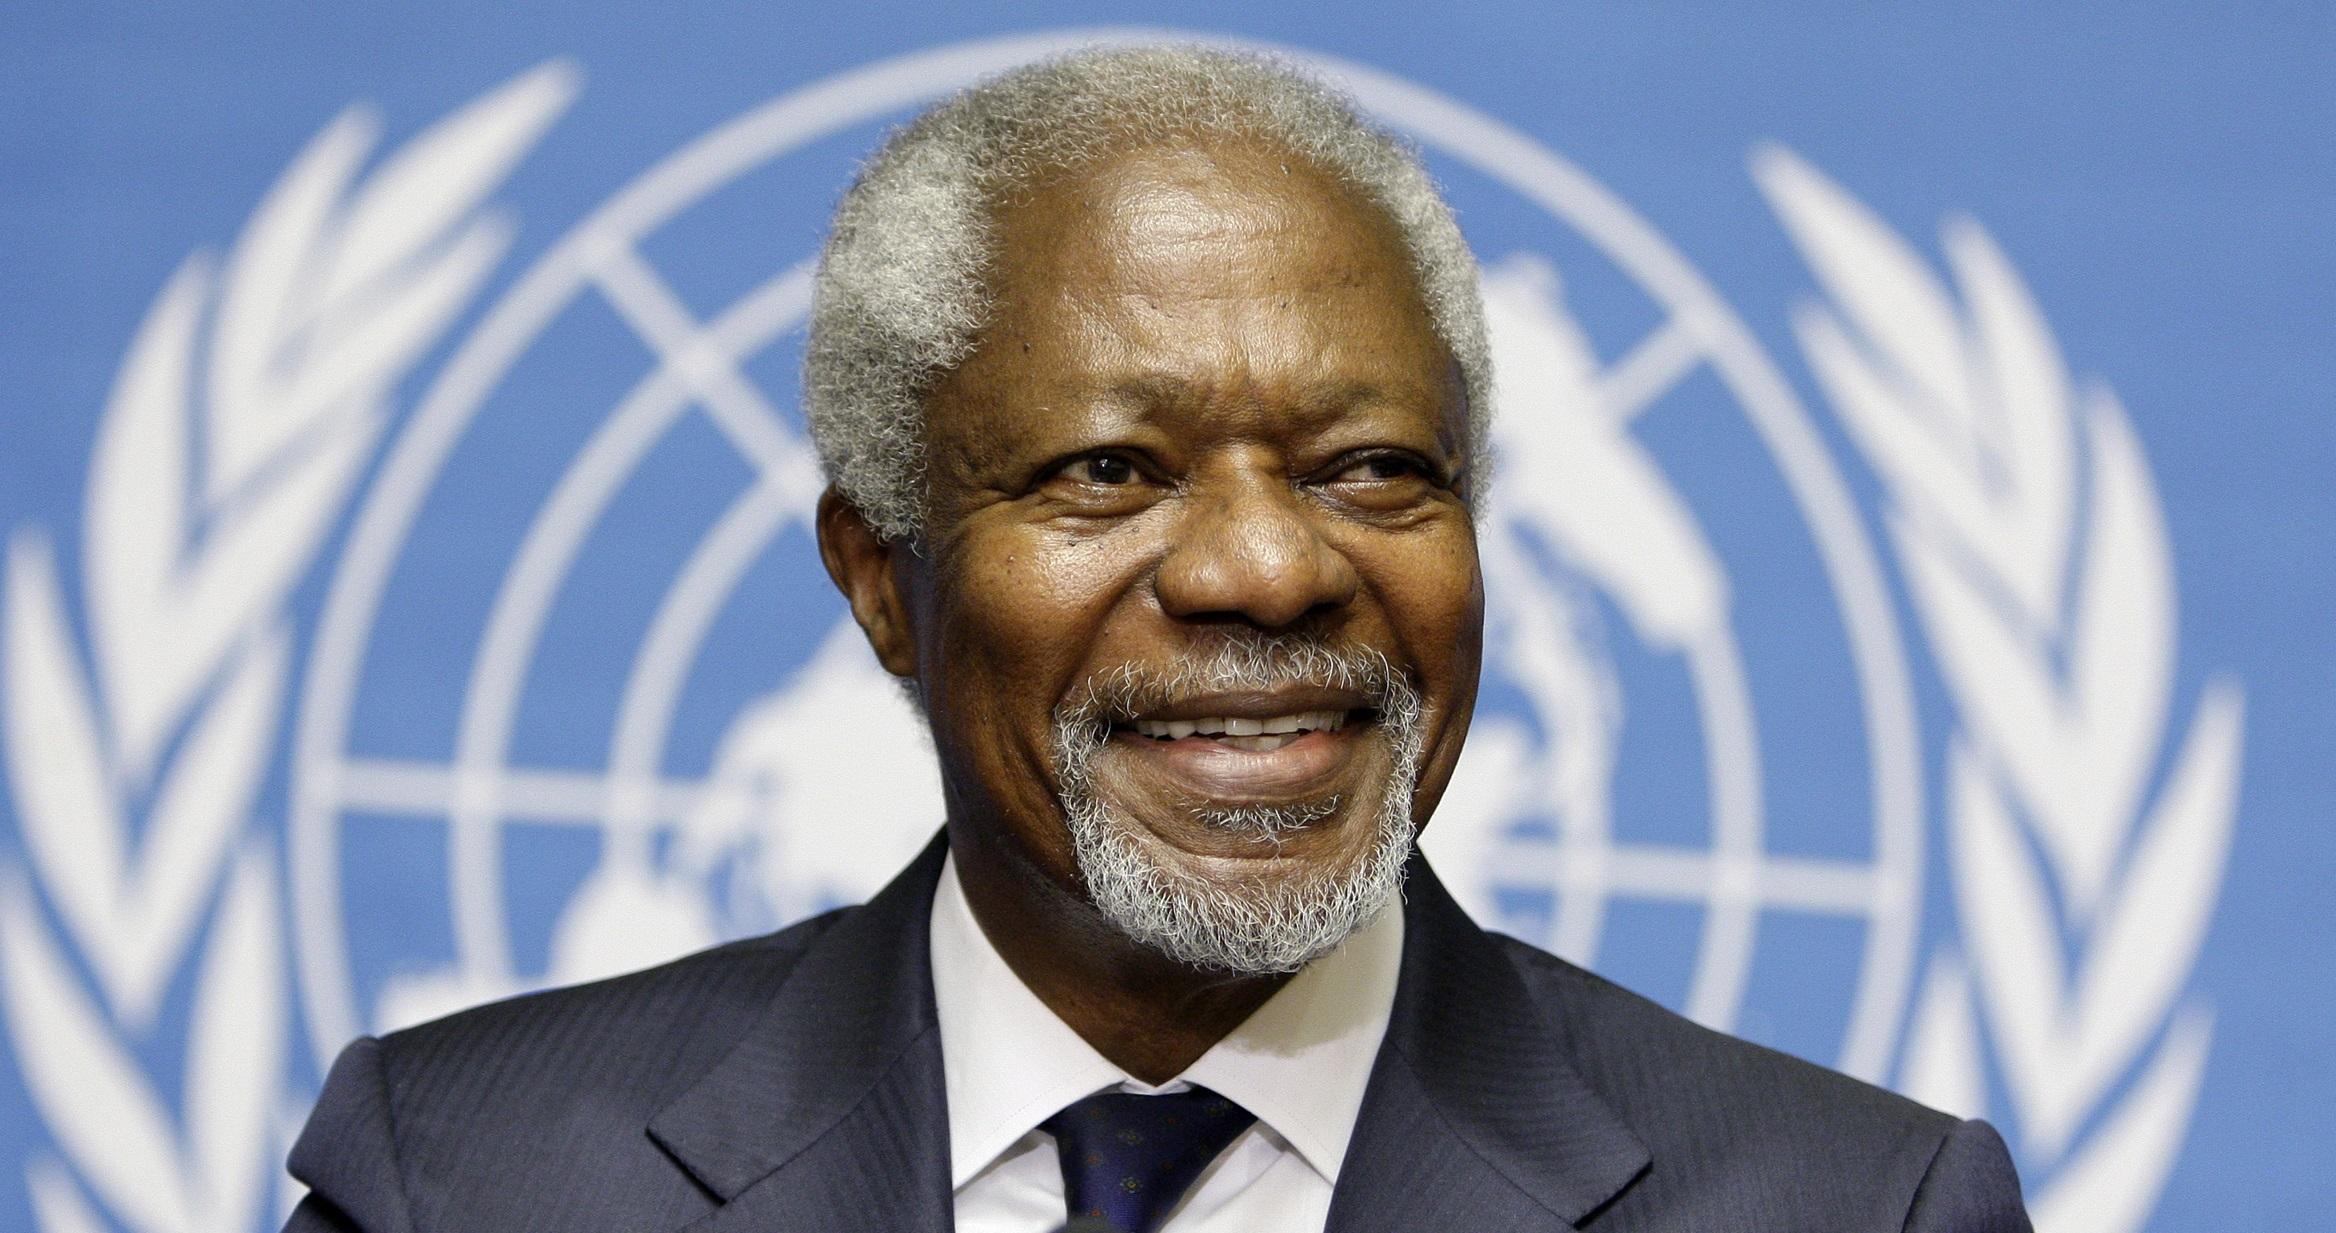 Kofi Annan, a legacy of peace